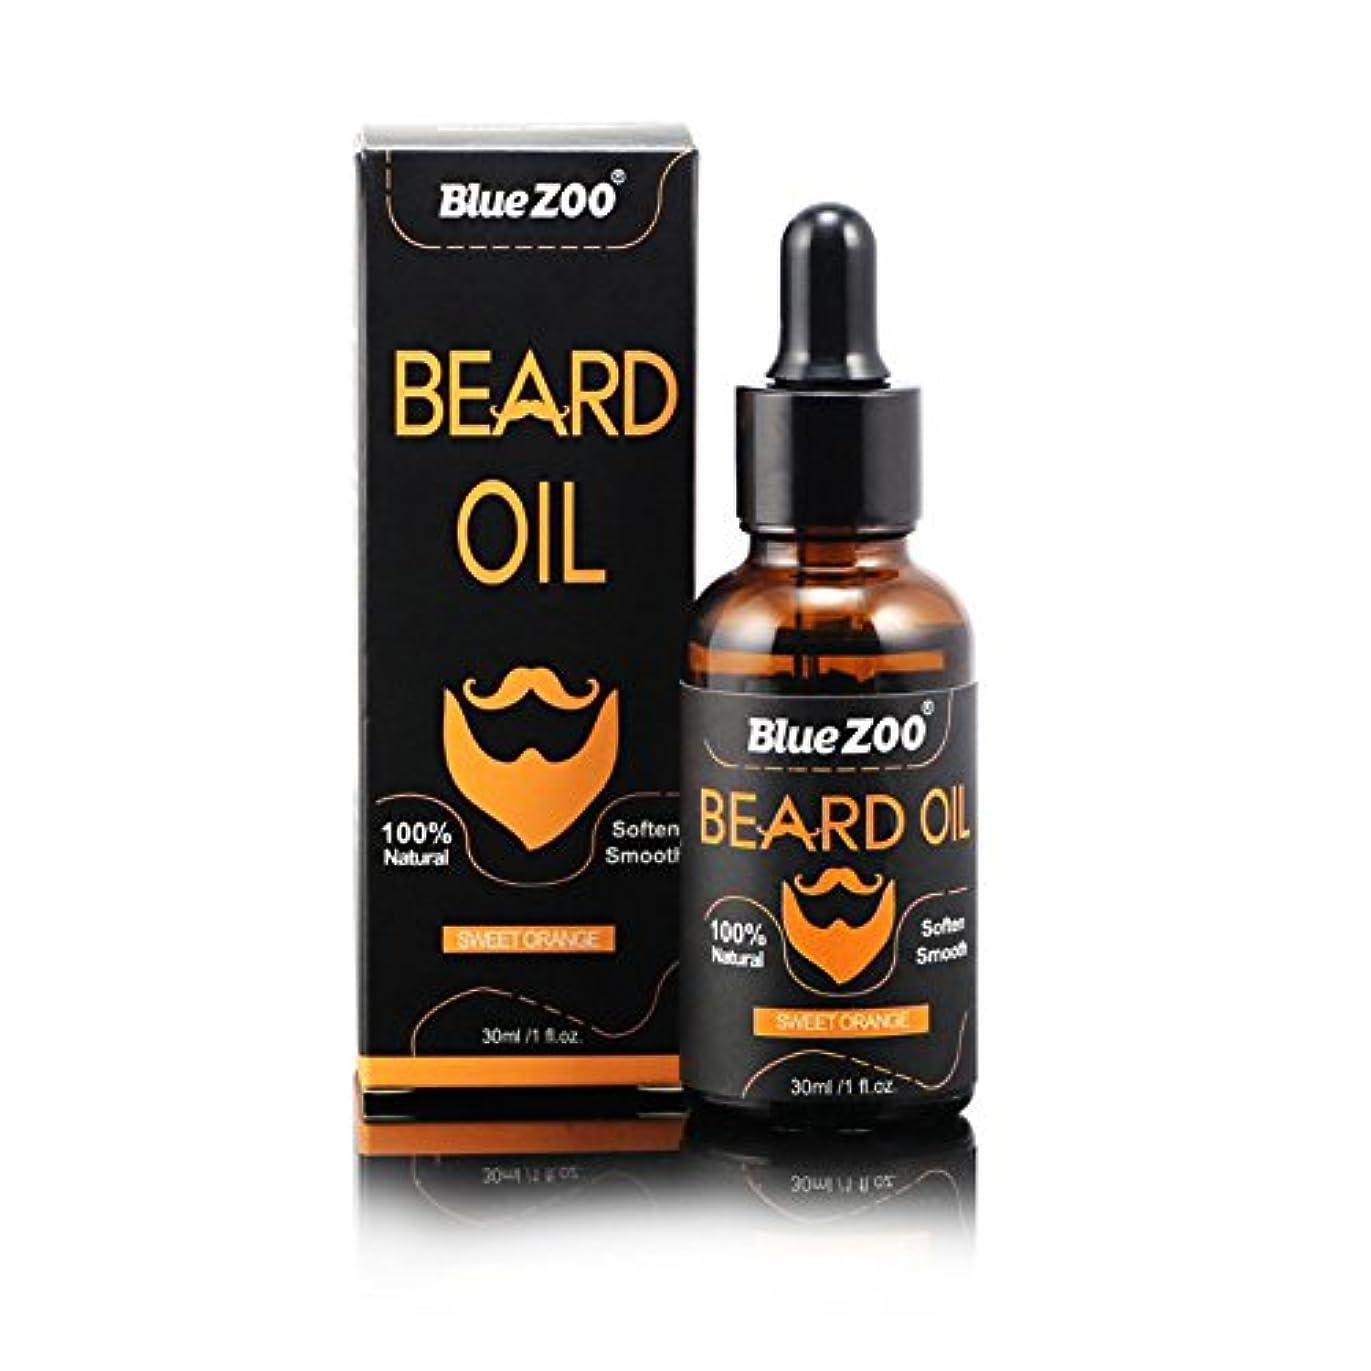 純粋な宙返り寄付ひげそり油男性のための滑らかな軟化と栄養シェイピングの口ひげ100%茶油ビタミンEのアンチかゆみ(#01)